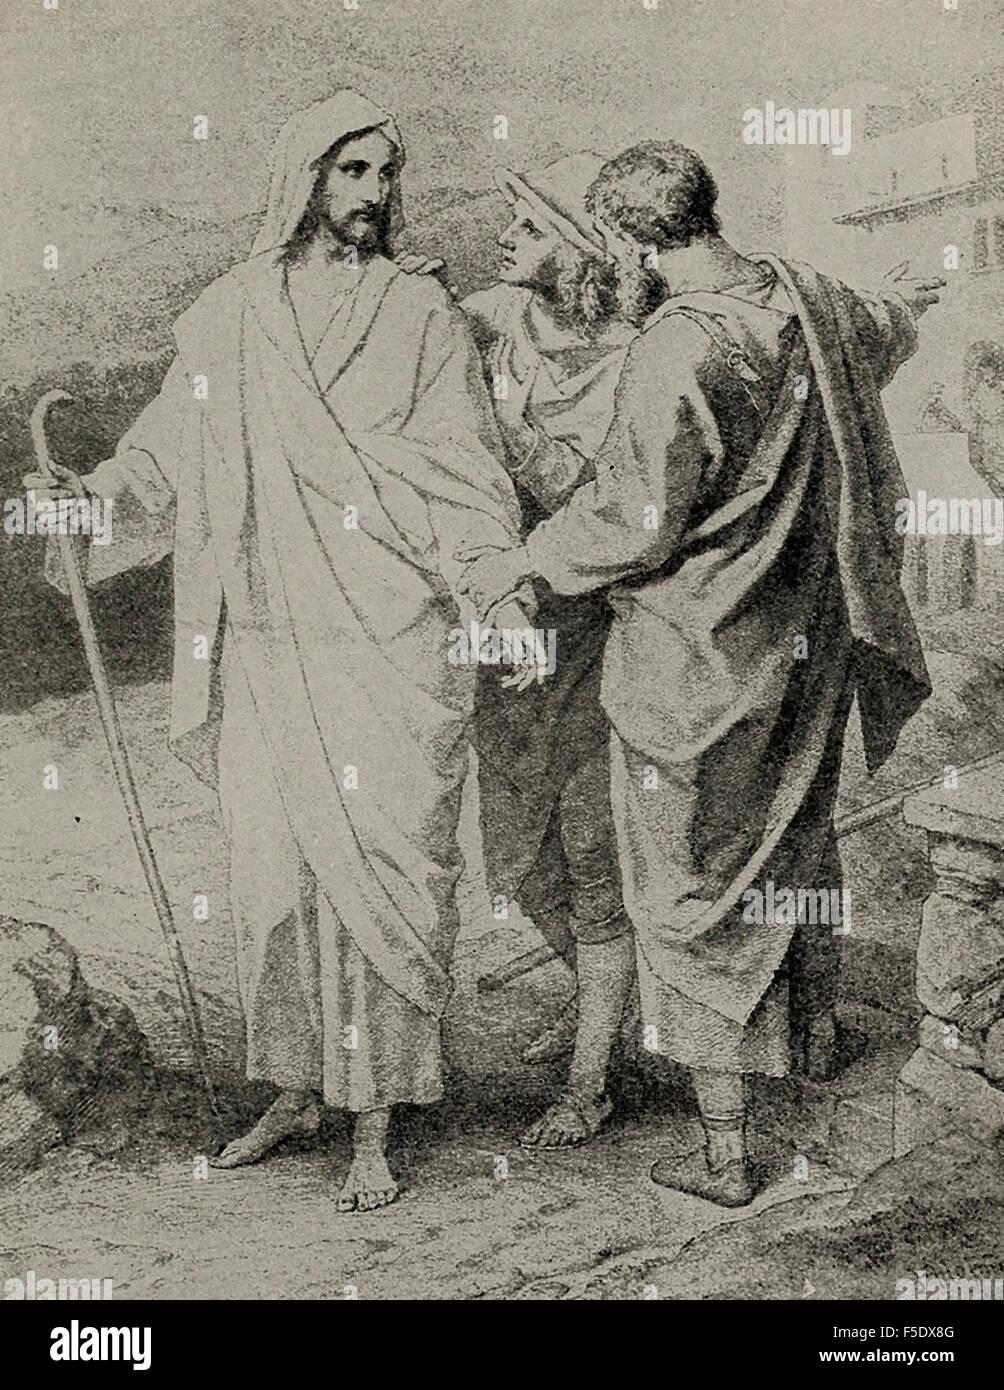 En el camino a Emaús - Jesucristo Resucitado sorprende a sus compañeros Foto de stock